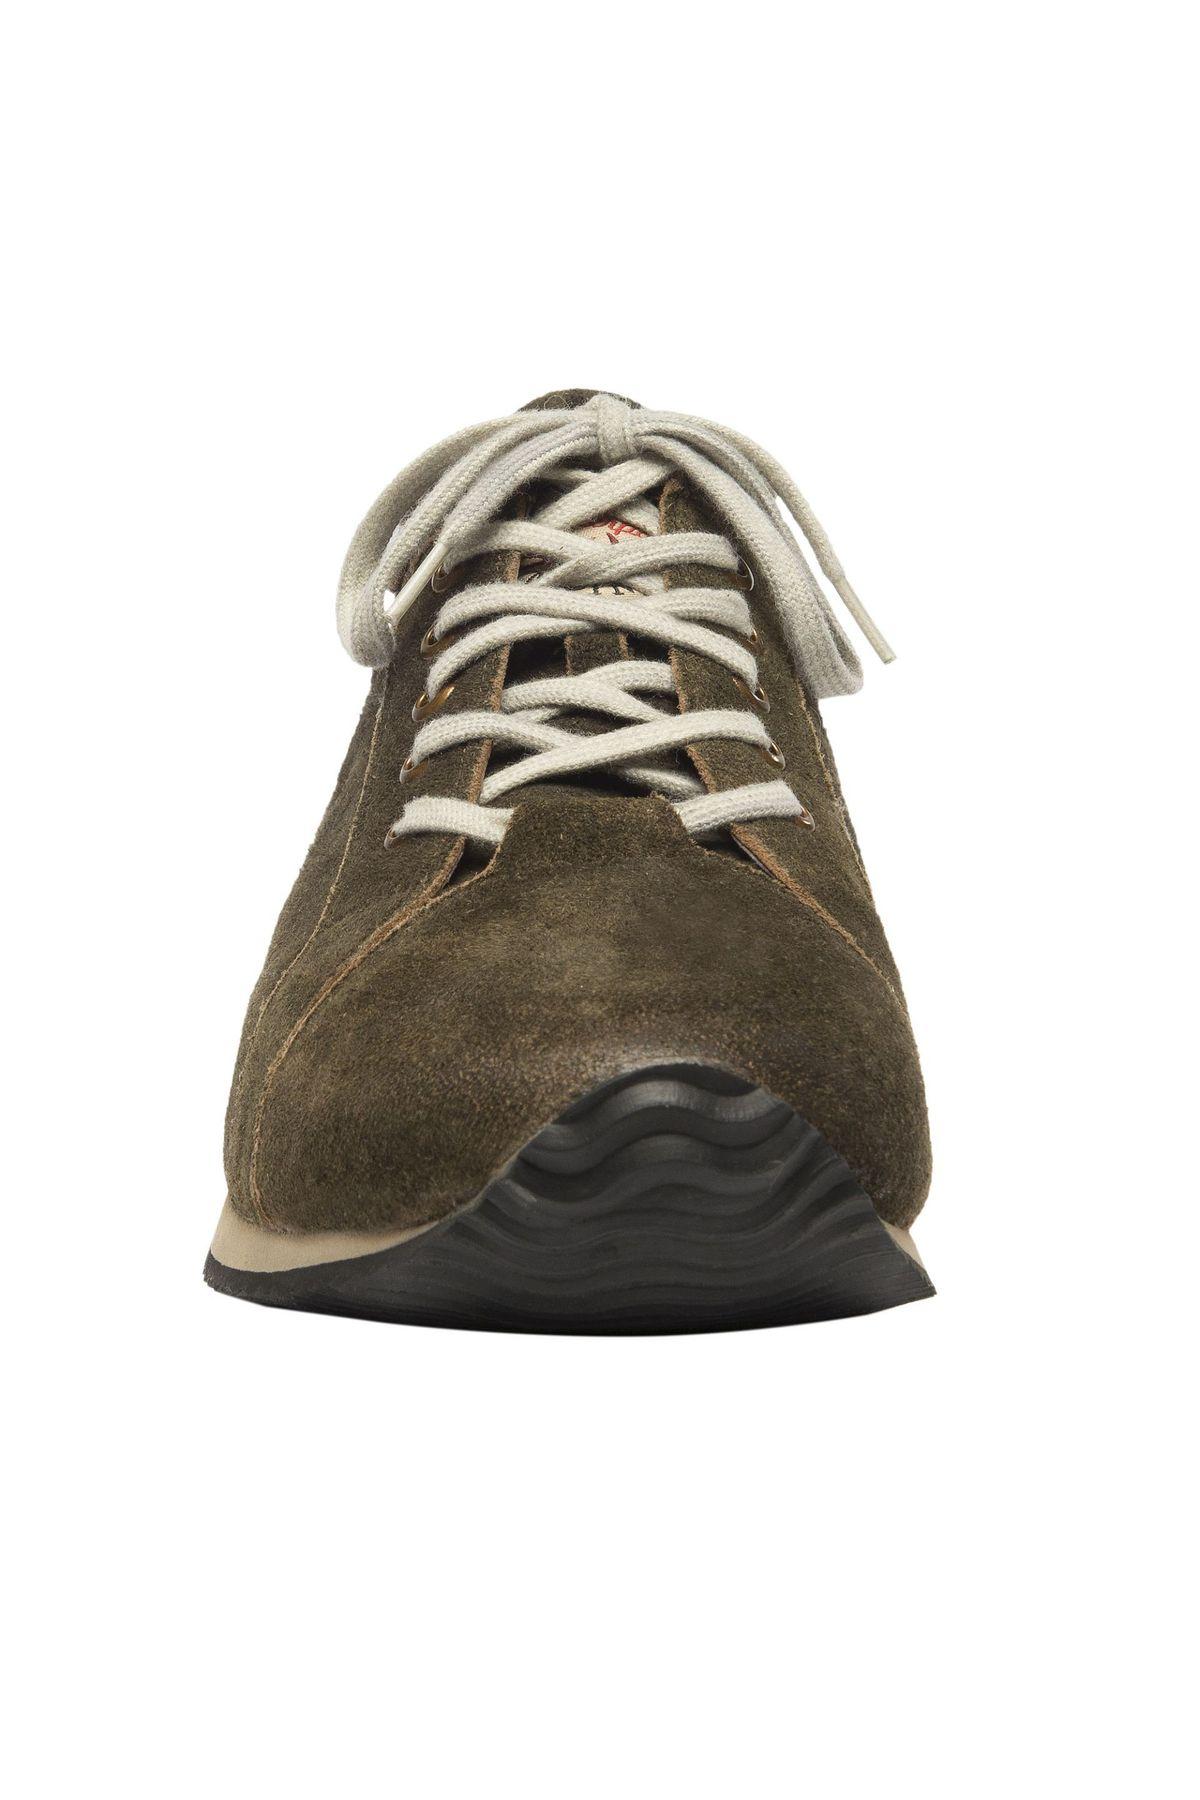 STOCKERPOINT - Herren Trachten Schuhe in Bison und Havanna, 1310 – Bild 12